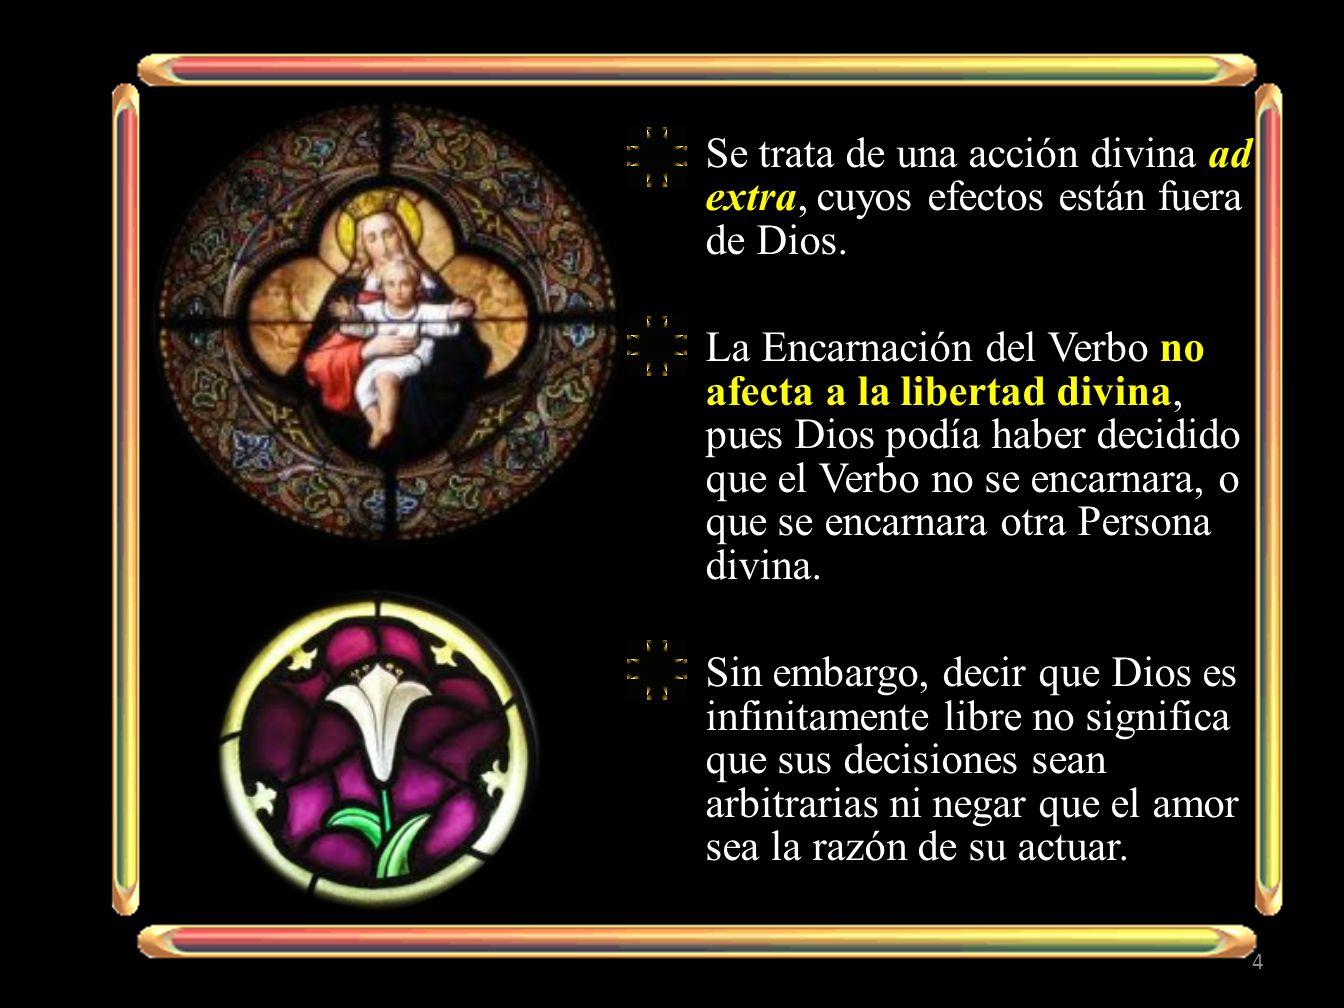 Se trata de una acción divina ad extra, cuyos efectos están fuera de Dios.